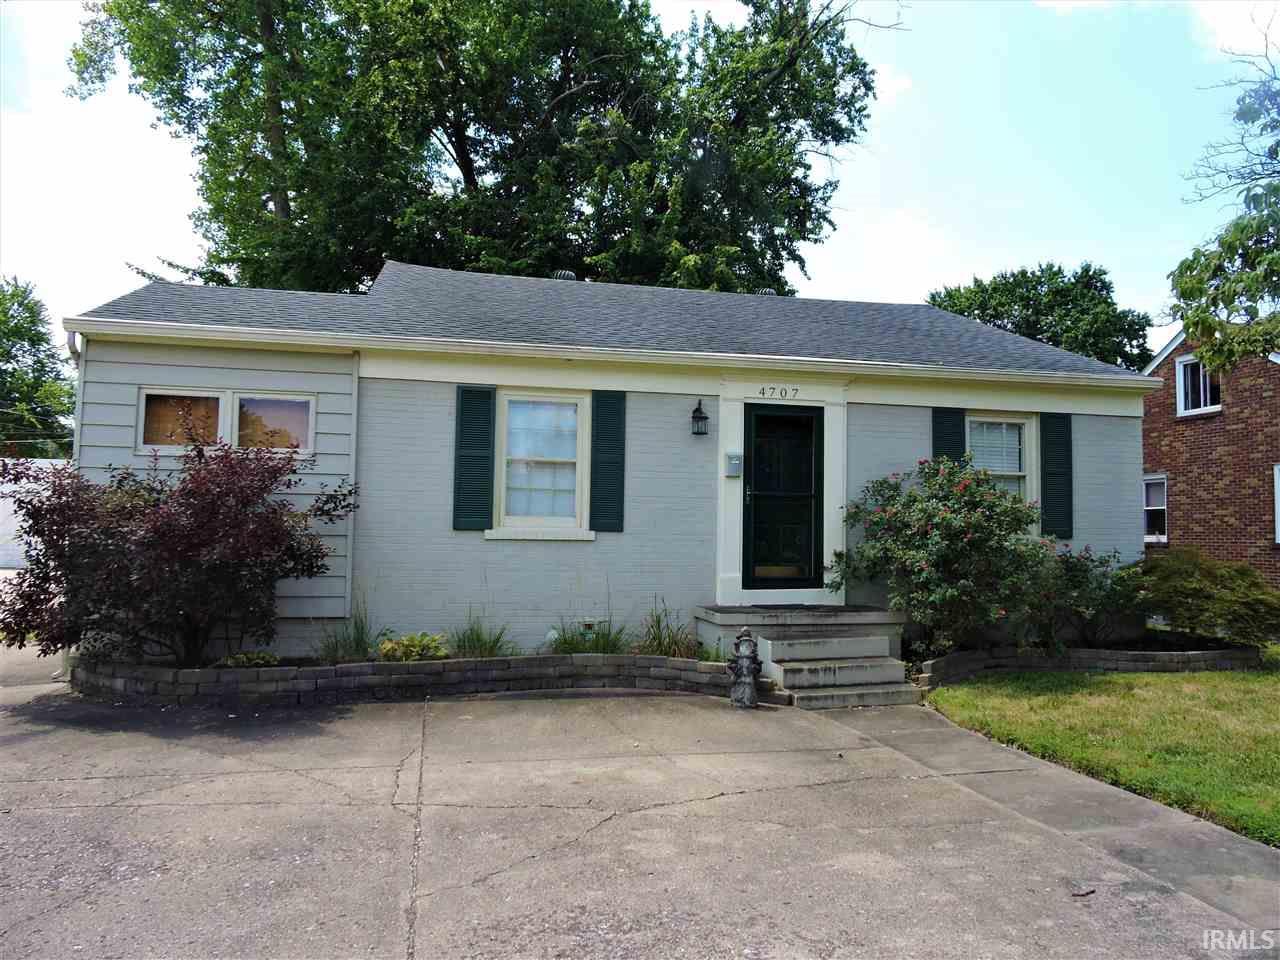 4707 Jackson, Evansville, IN 47714